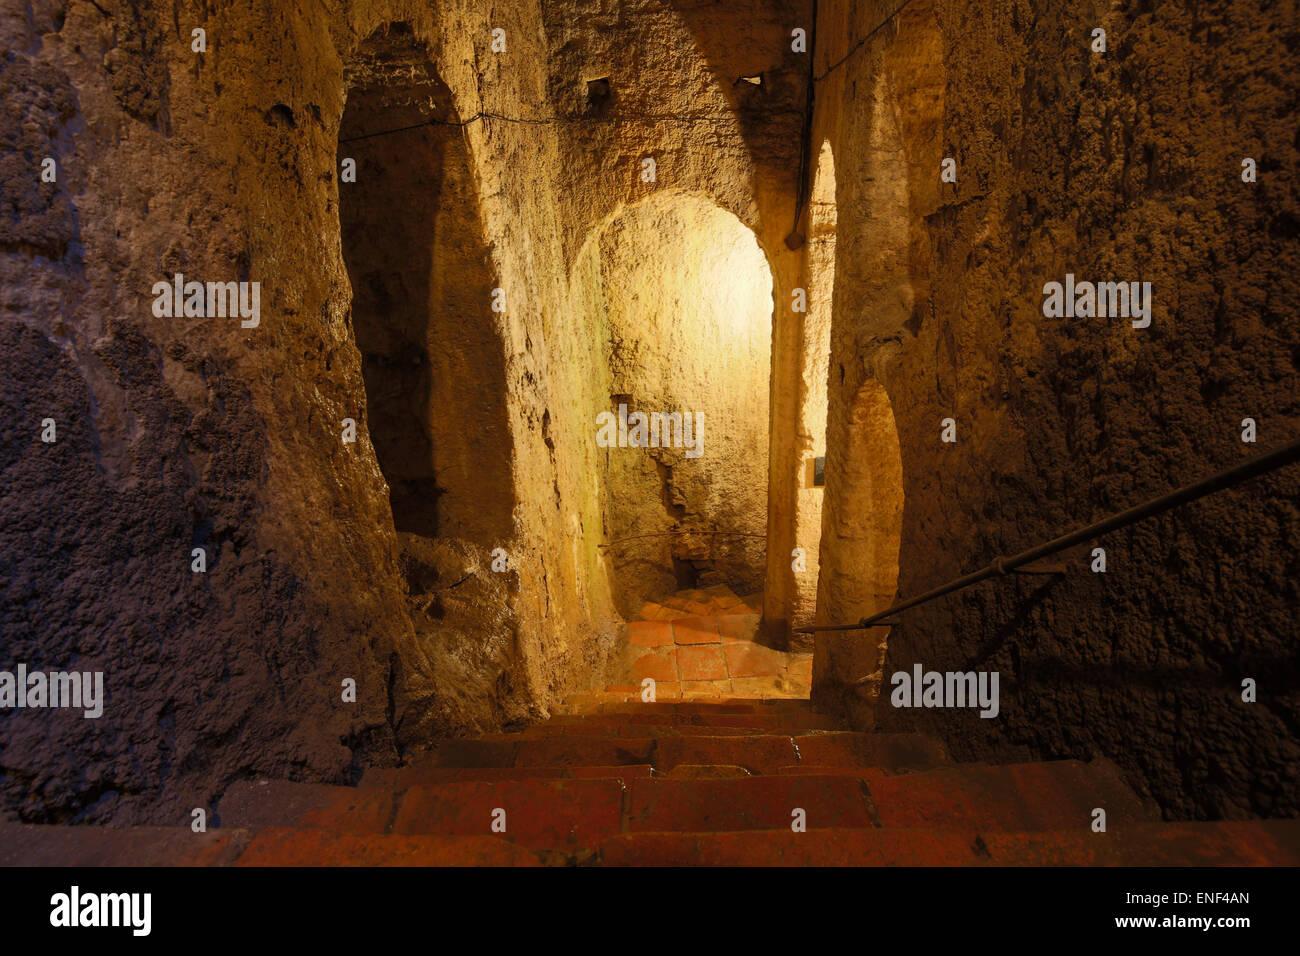 Ronda, provincia di Malaga, Andalusia, Spagna meridionale. Il XIV secolo arabo struttura militare conosciuta come Immagini Stock